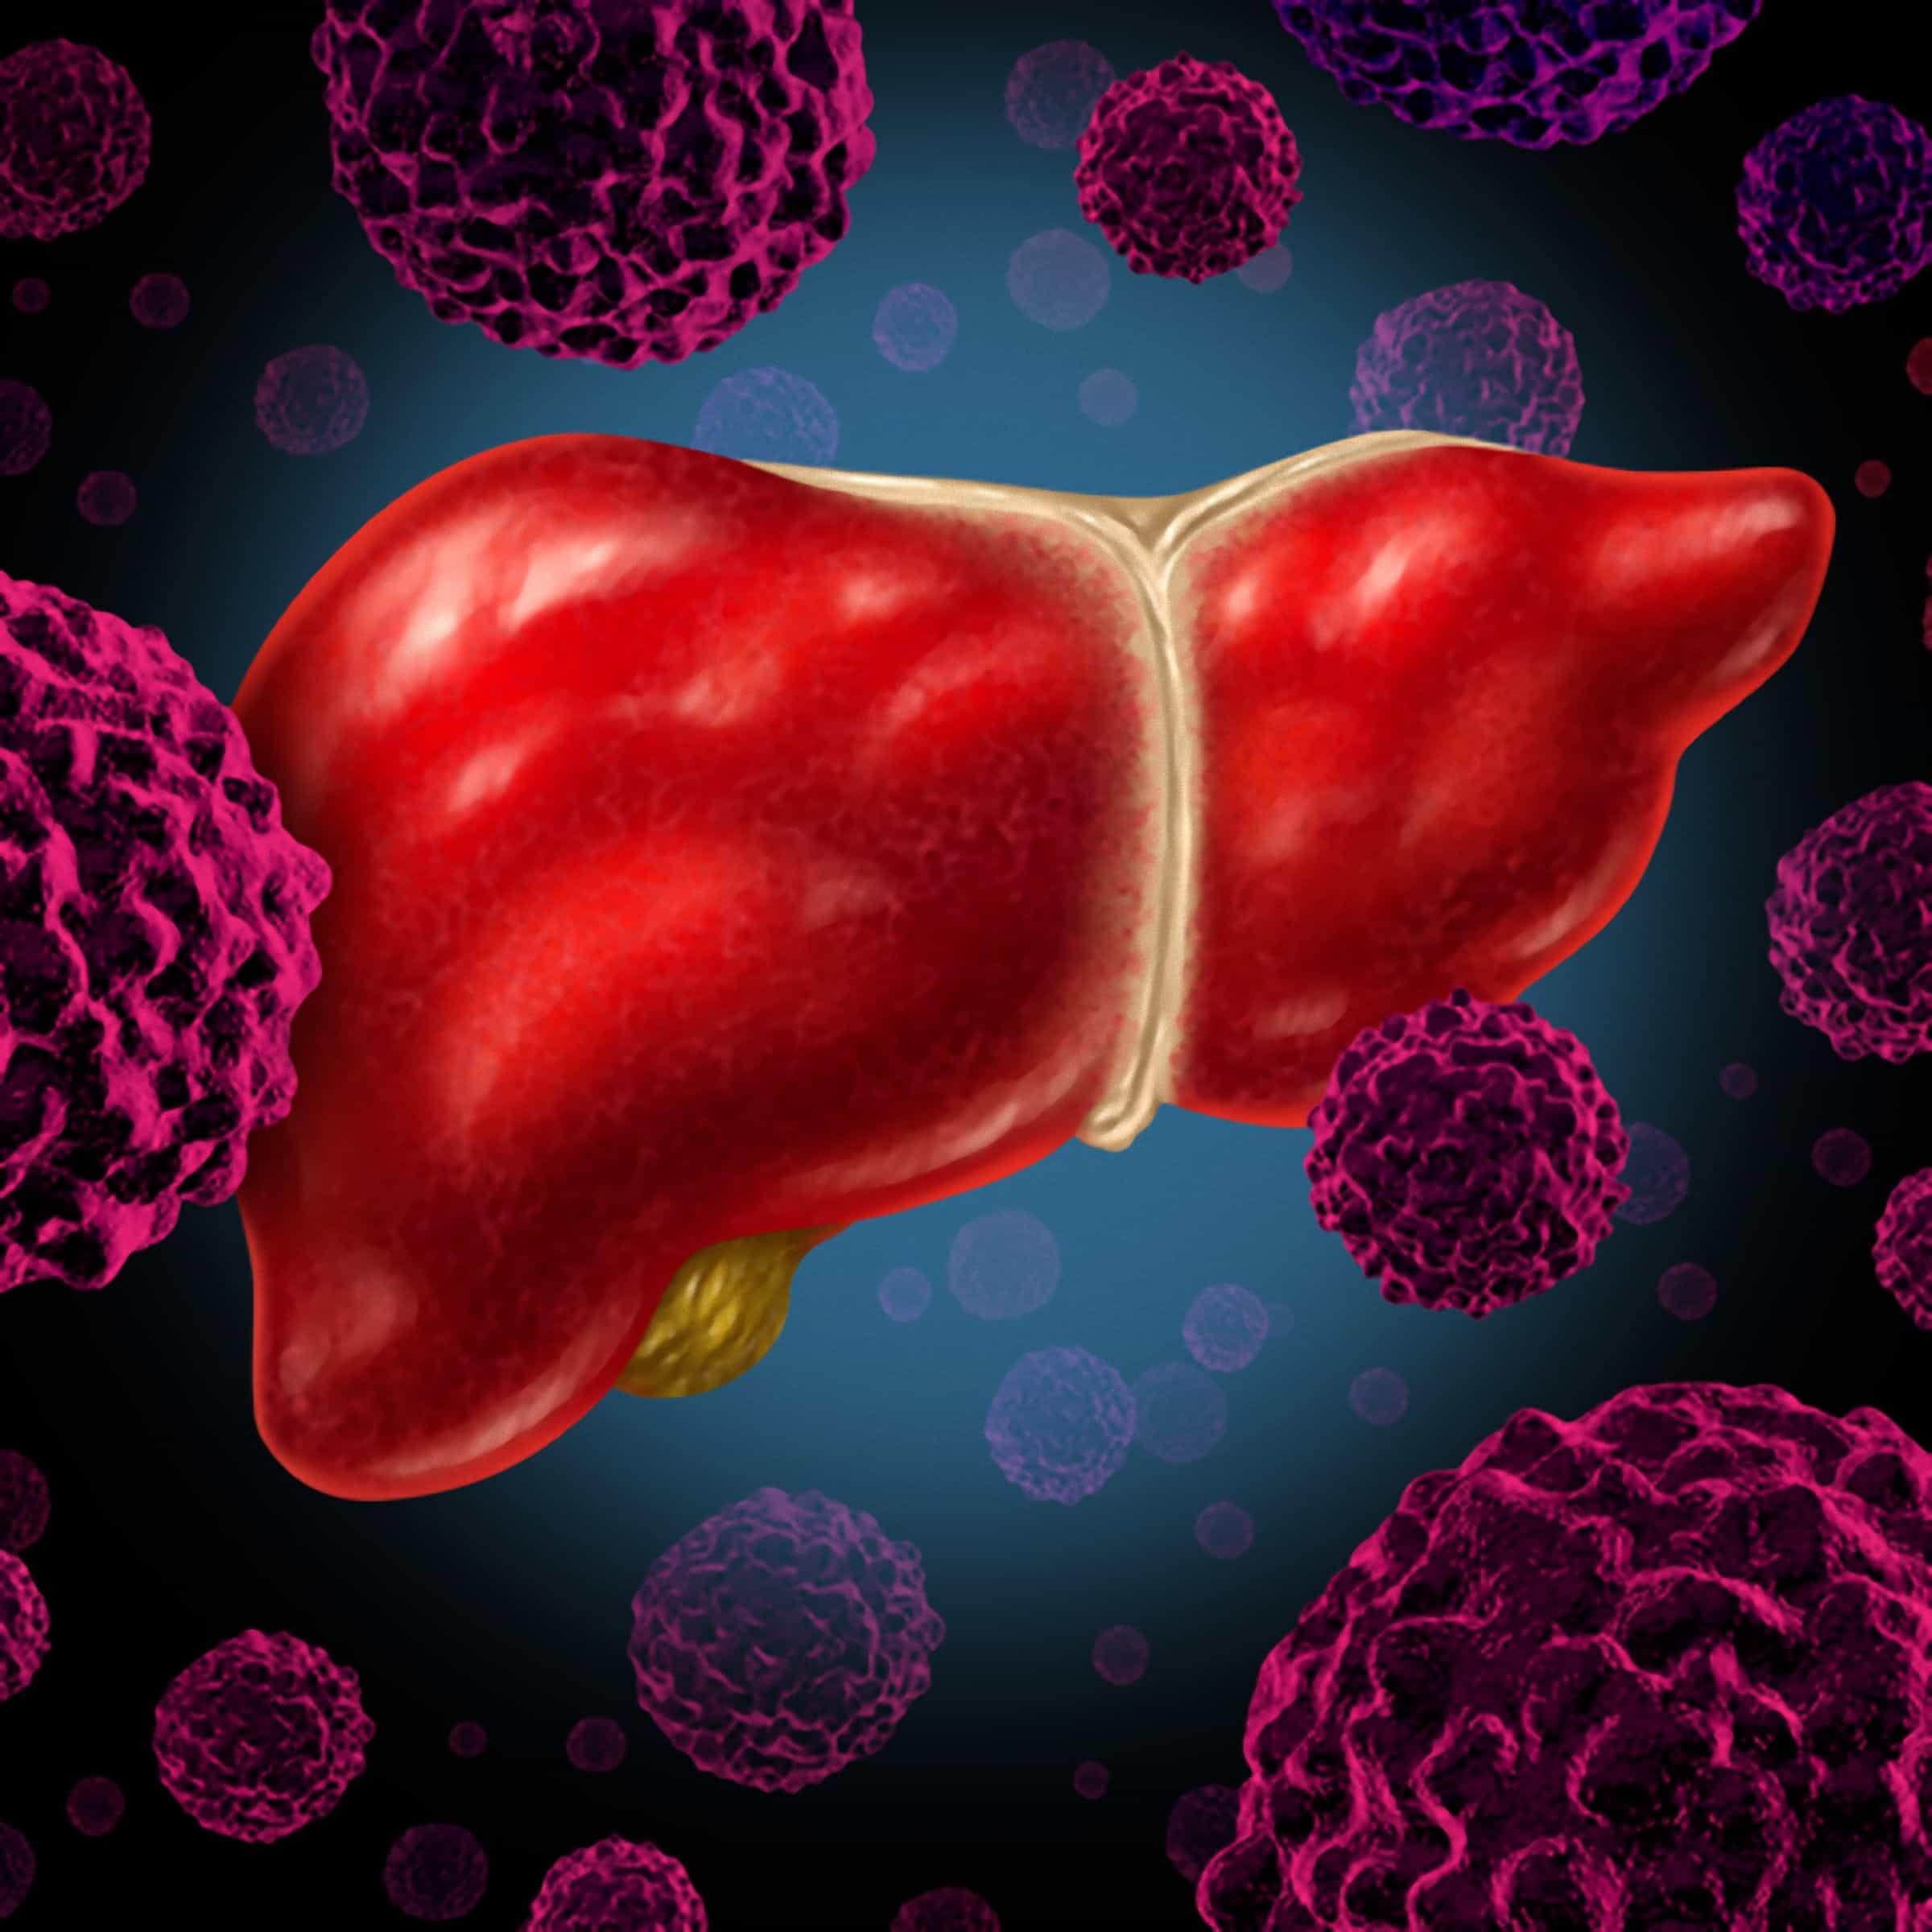 Tratamento para tumor no fígado: orientações para quimioembolização